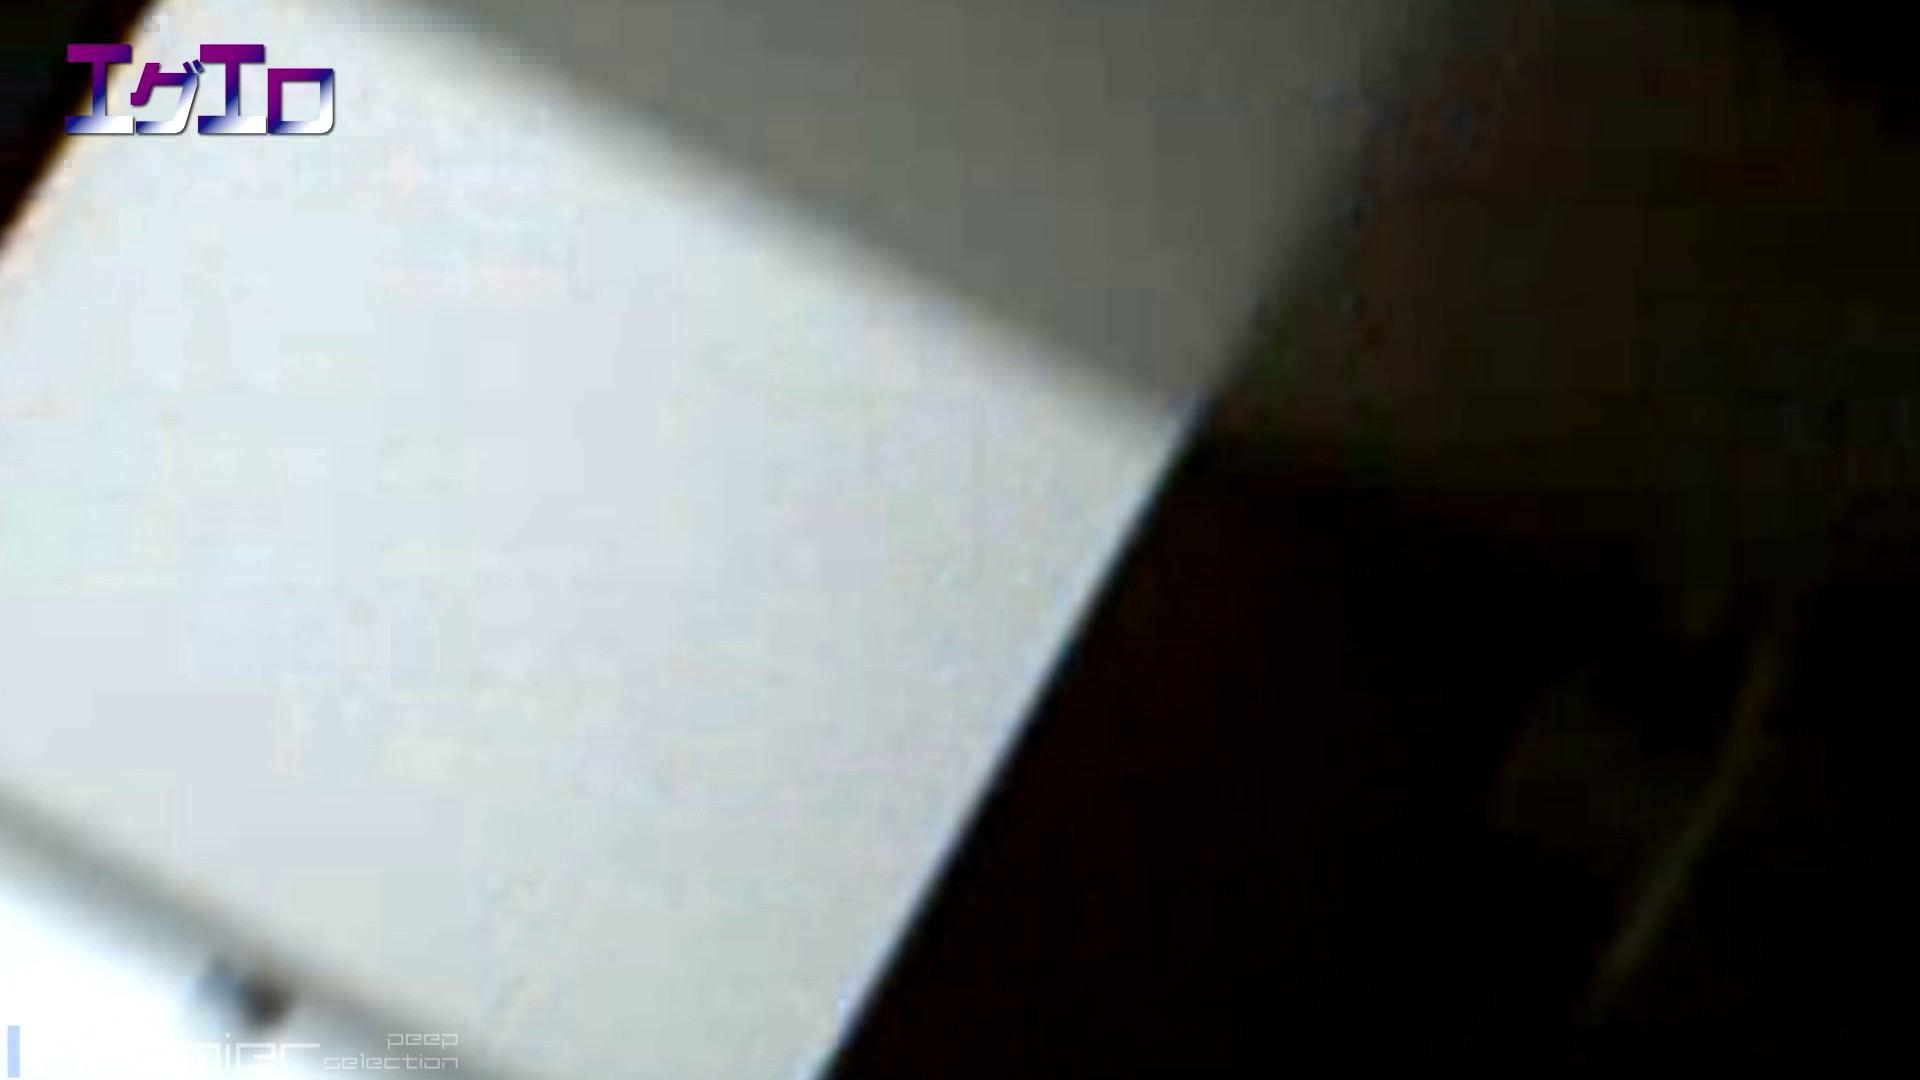 至近距離洗面所 Vol.08 美肌 すけべAV動画紹介 95枚 60